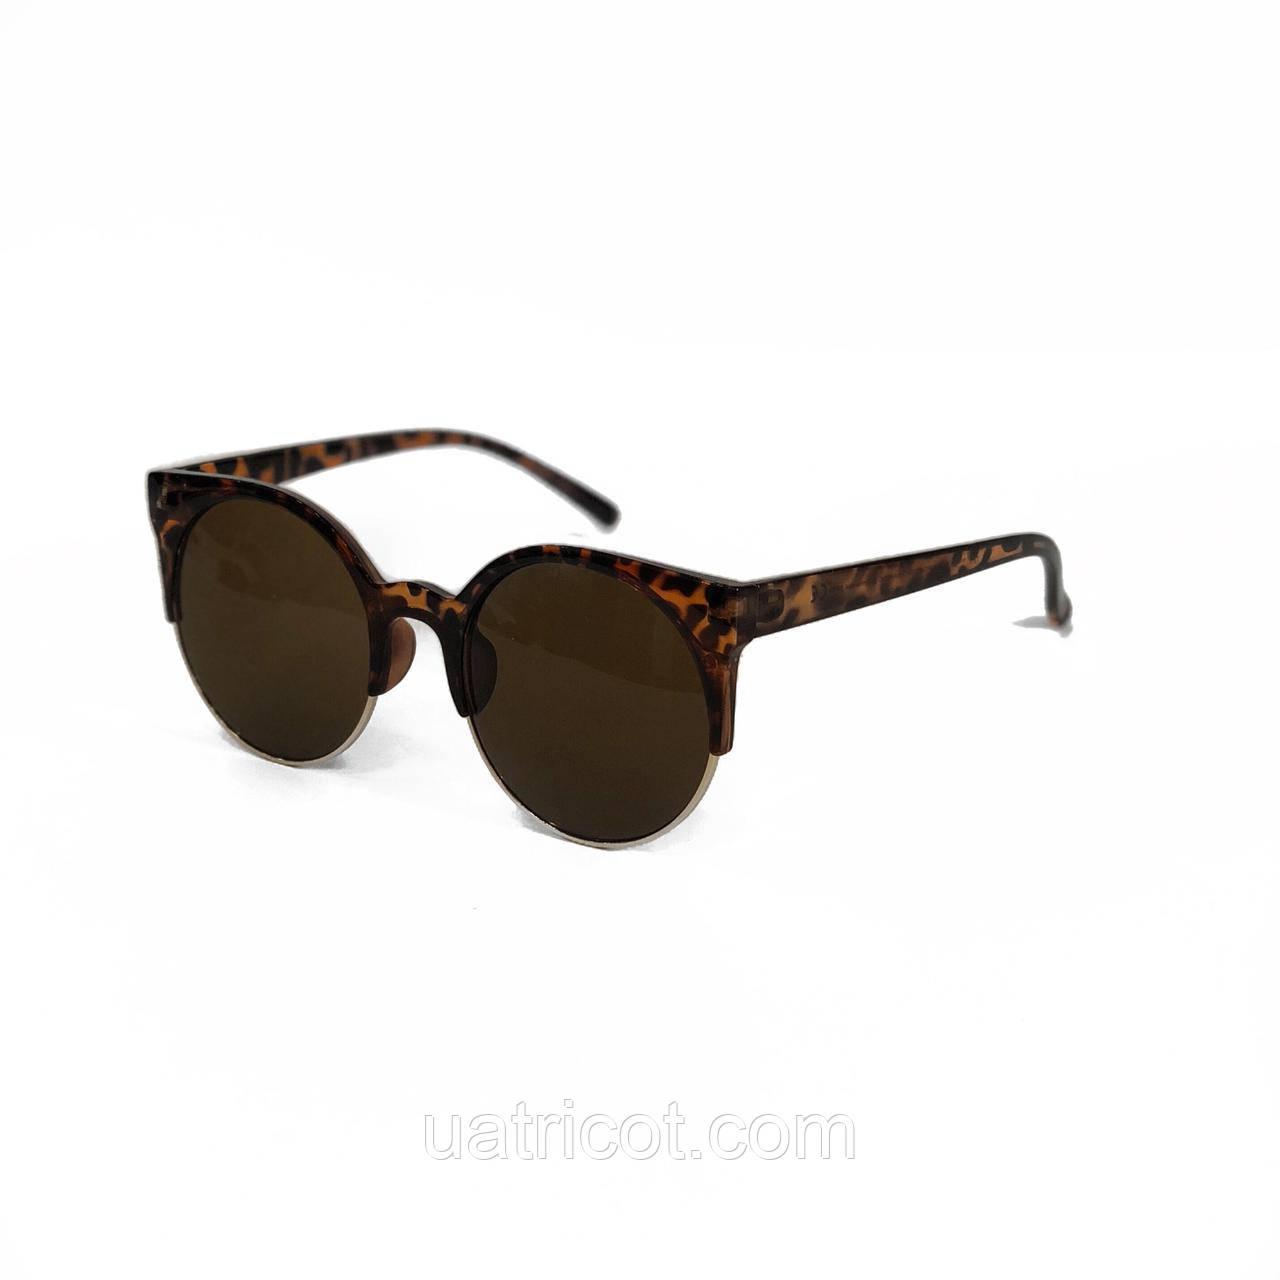 Женские солнцезащитные очки кошки Премиум класса в коричневой оправе